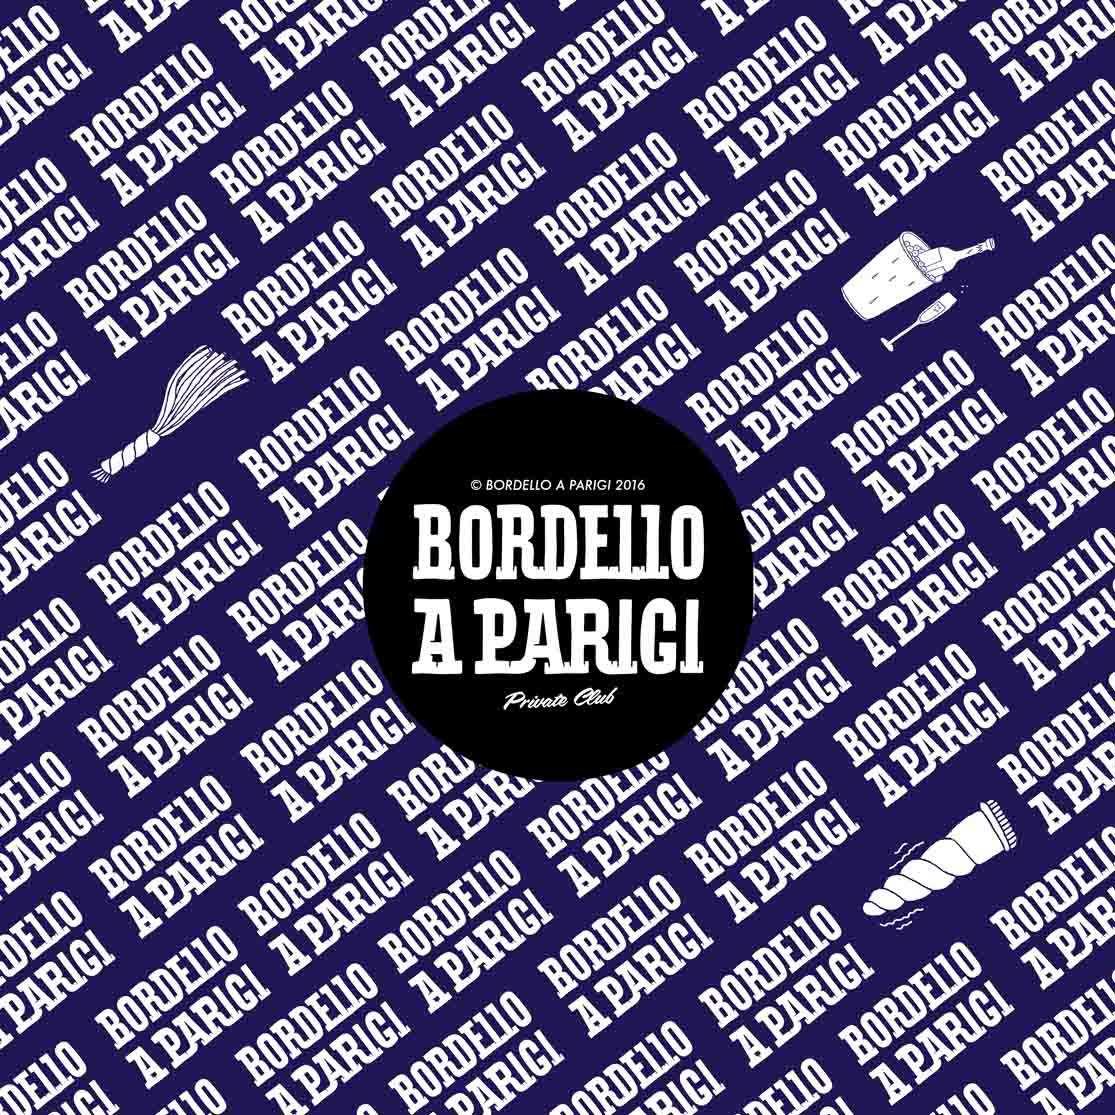 Alan Dente – Dark Nebula EP [Bordello A Parigi](2016)